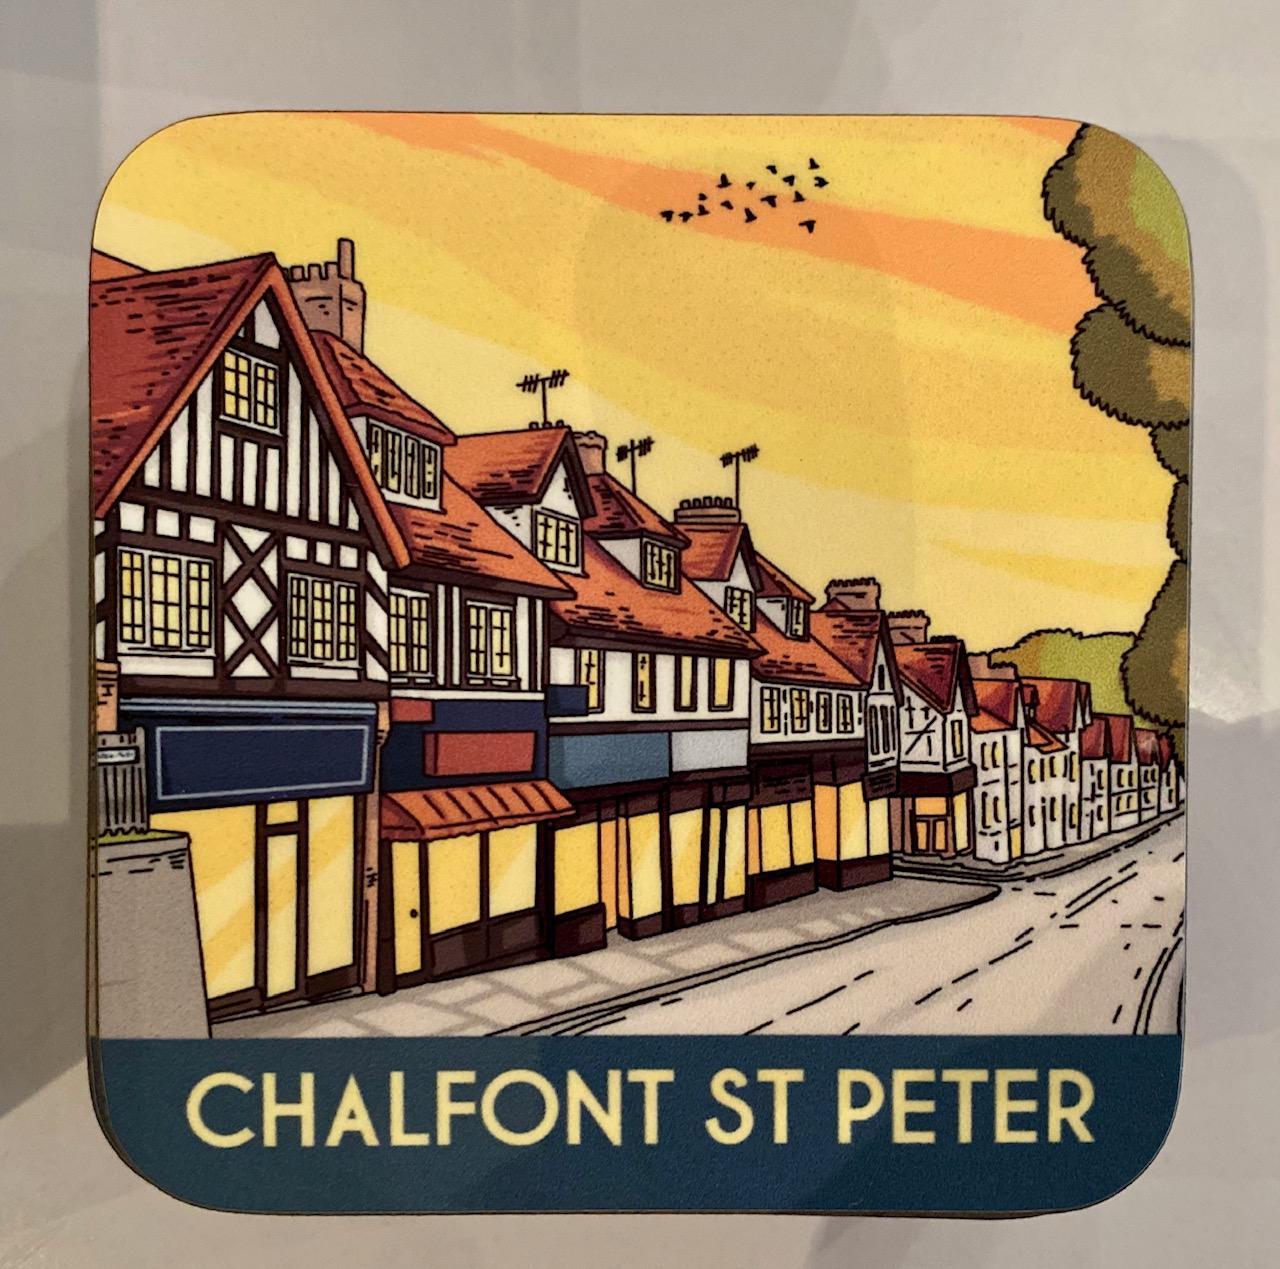 Chalfont St Peter vintage art coaster